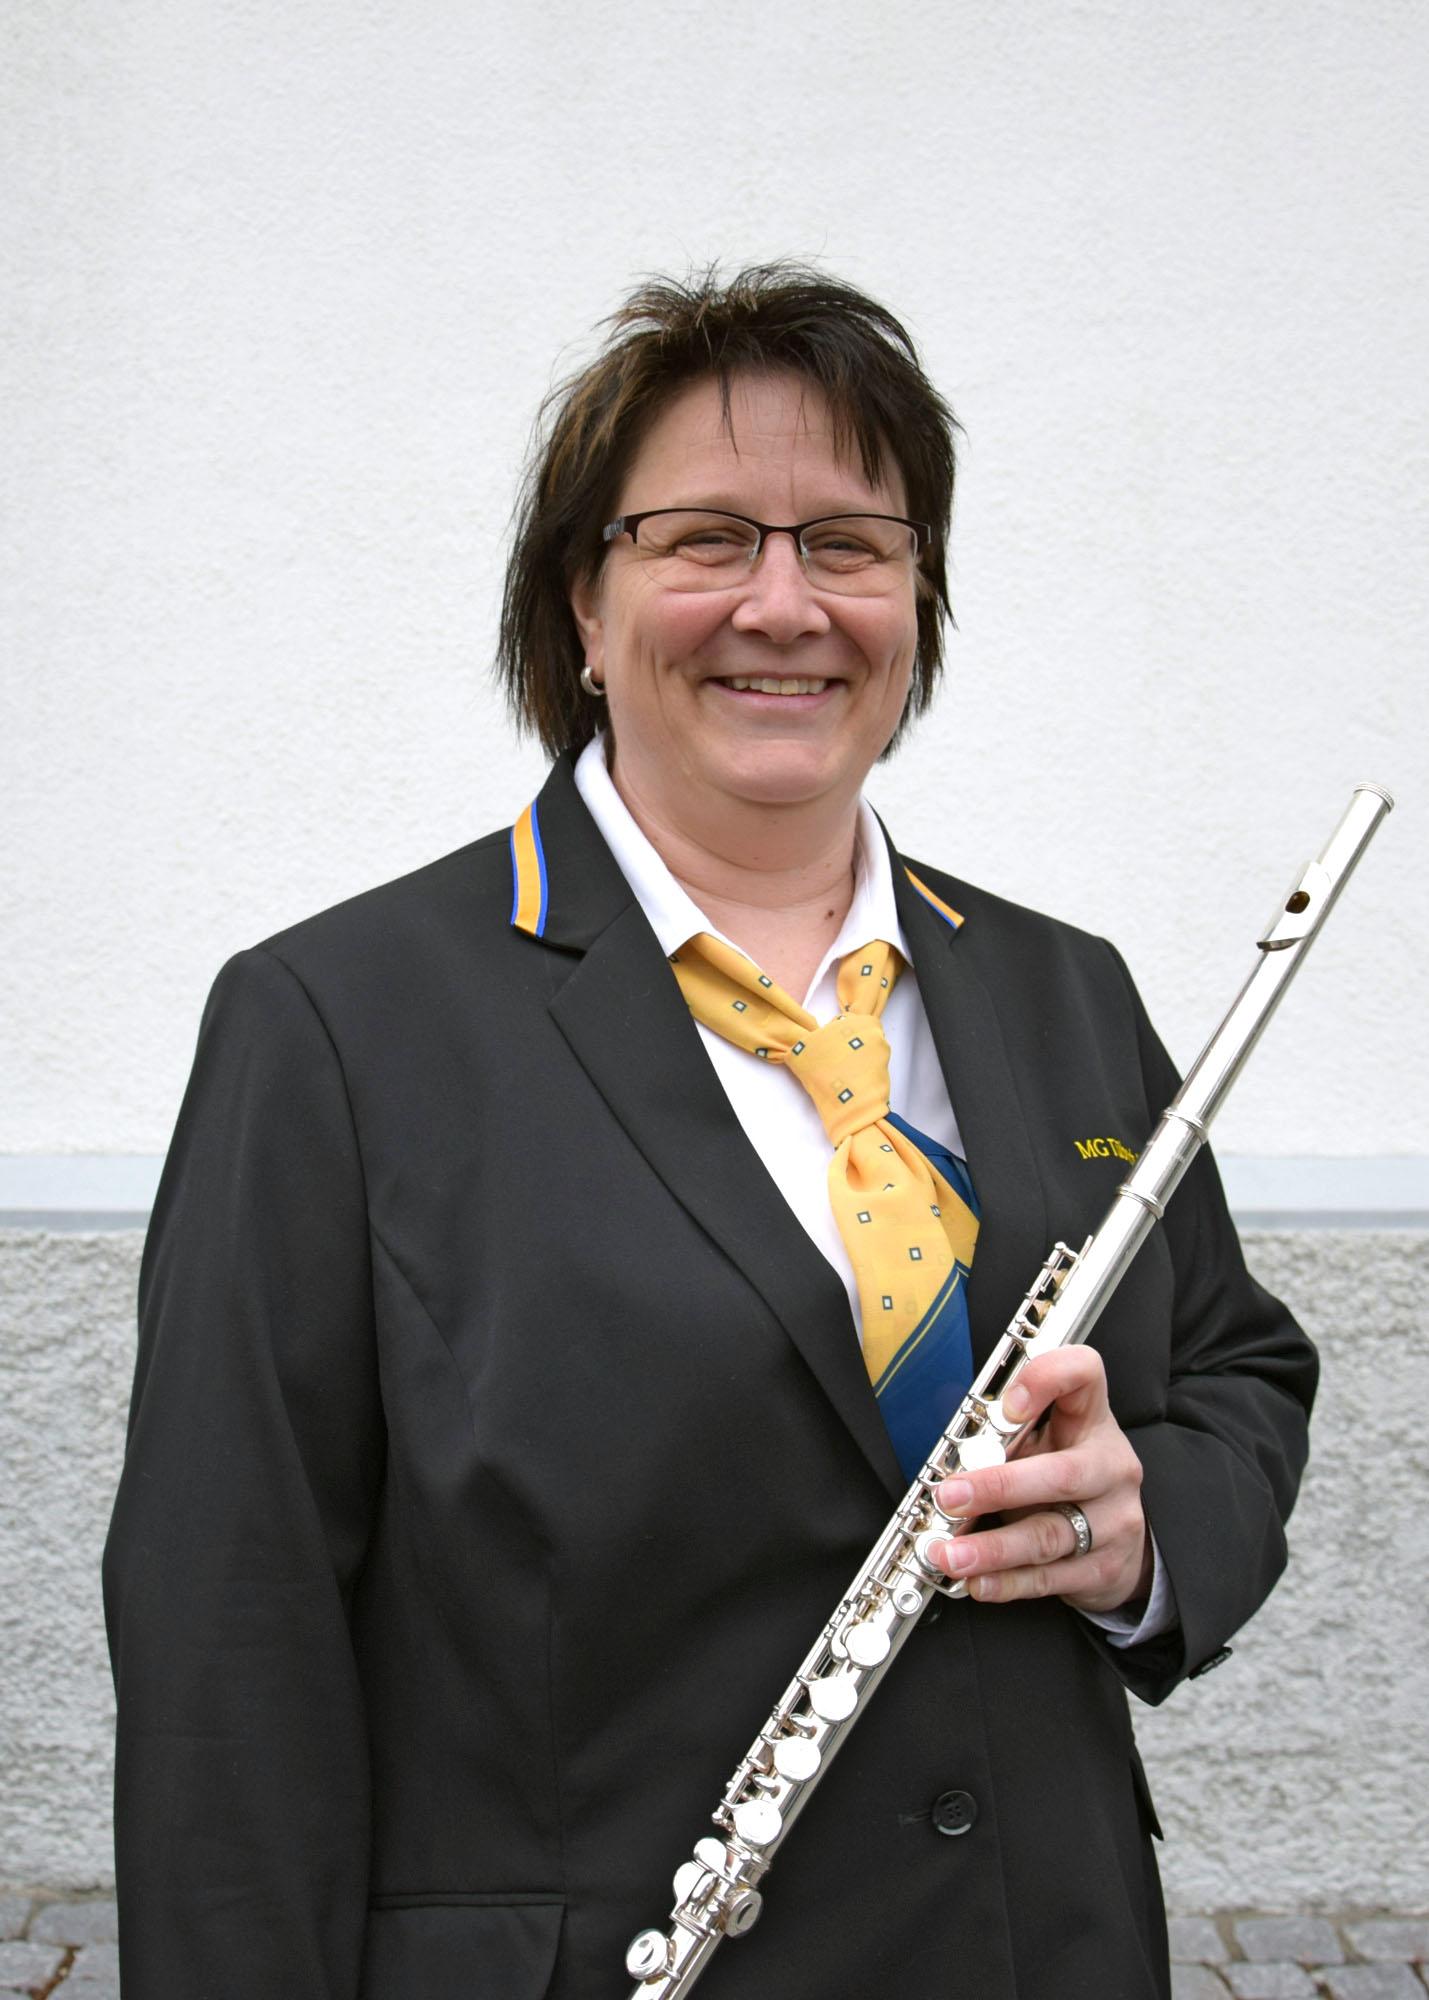 Nicole Staub